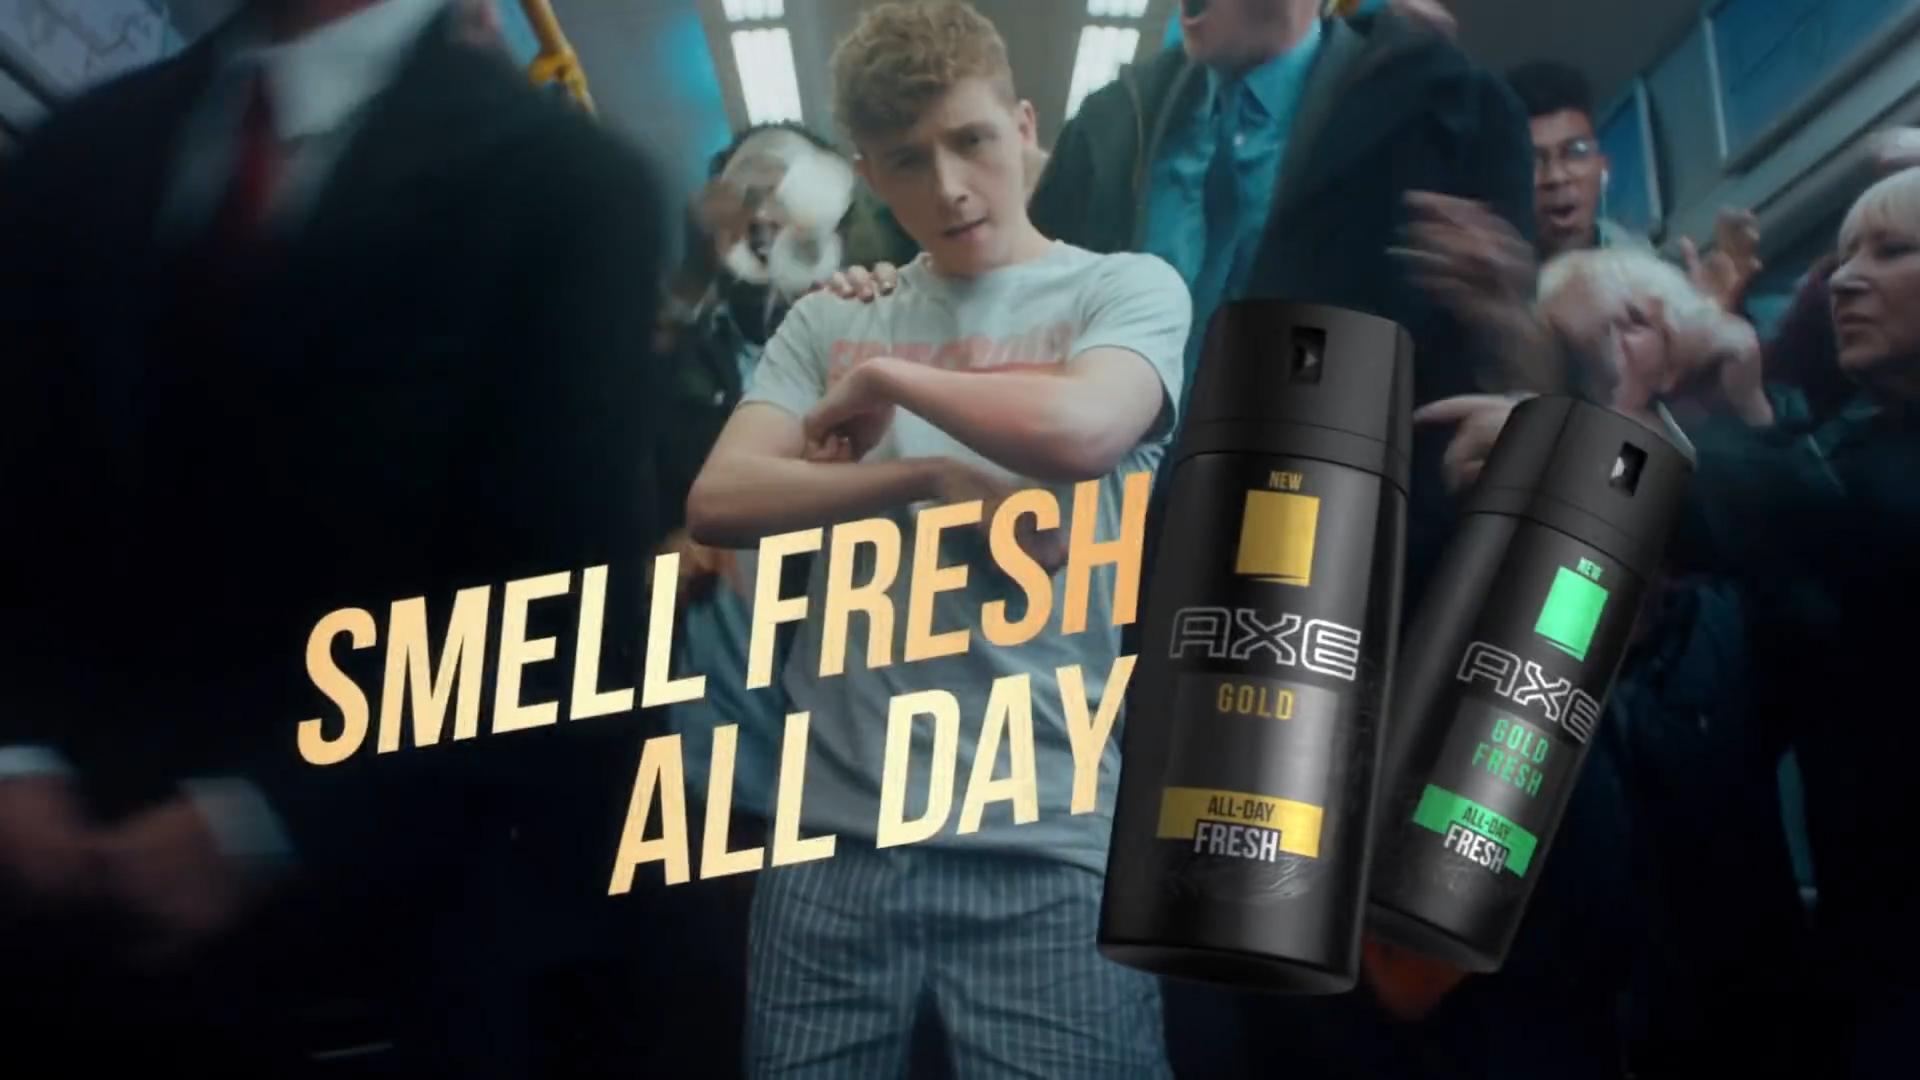 Rush Hour - AXE Gold Bodyspray